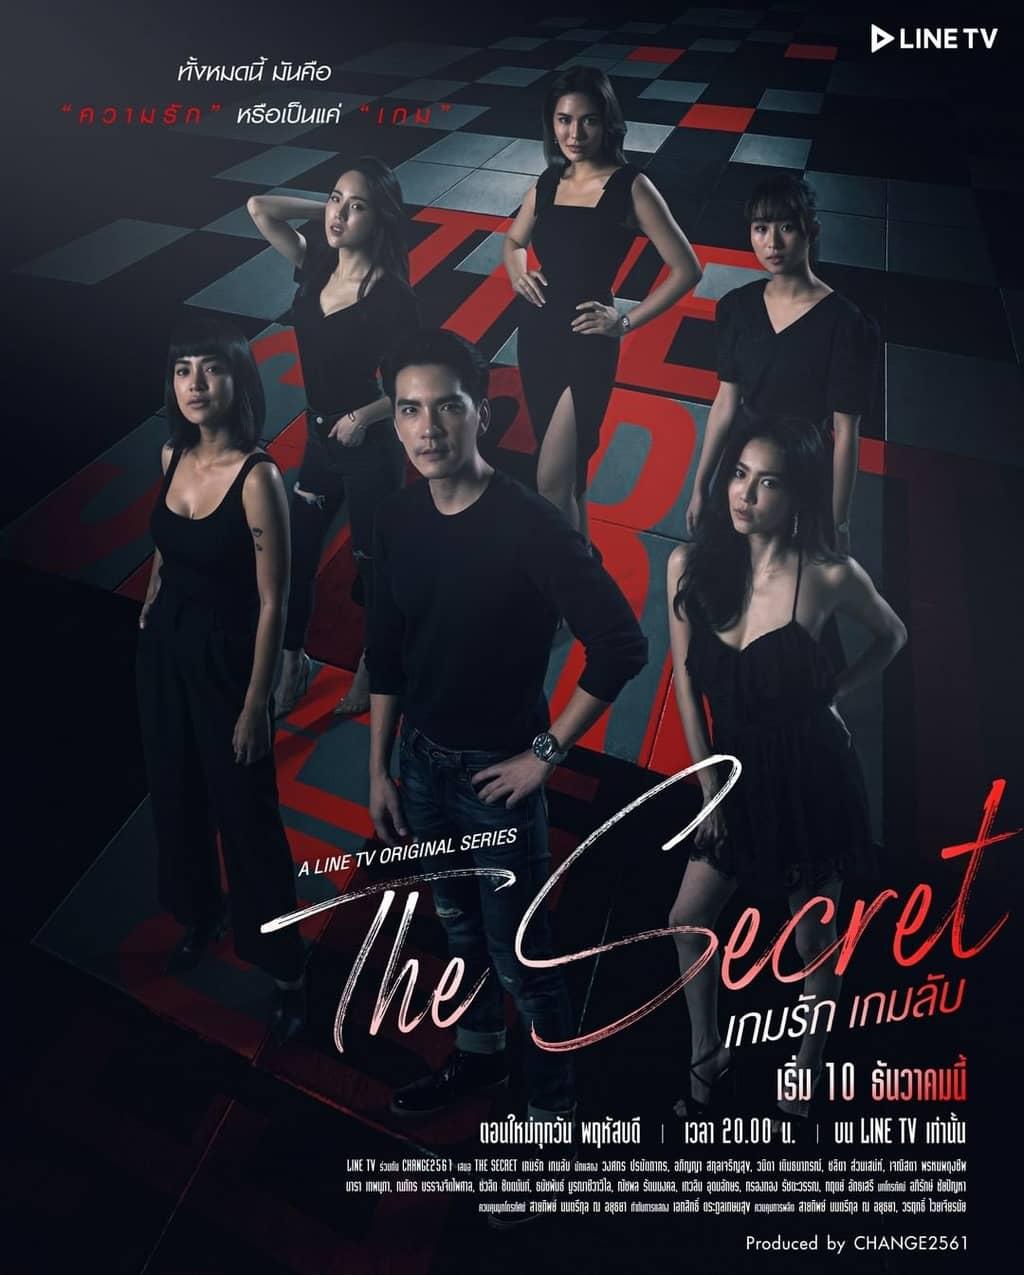 โปสเตอร์ละคร The Secret เกมรัก เกมลับ